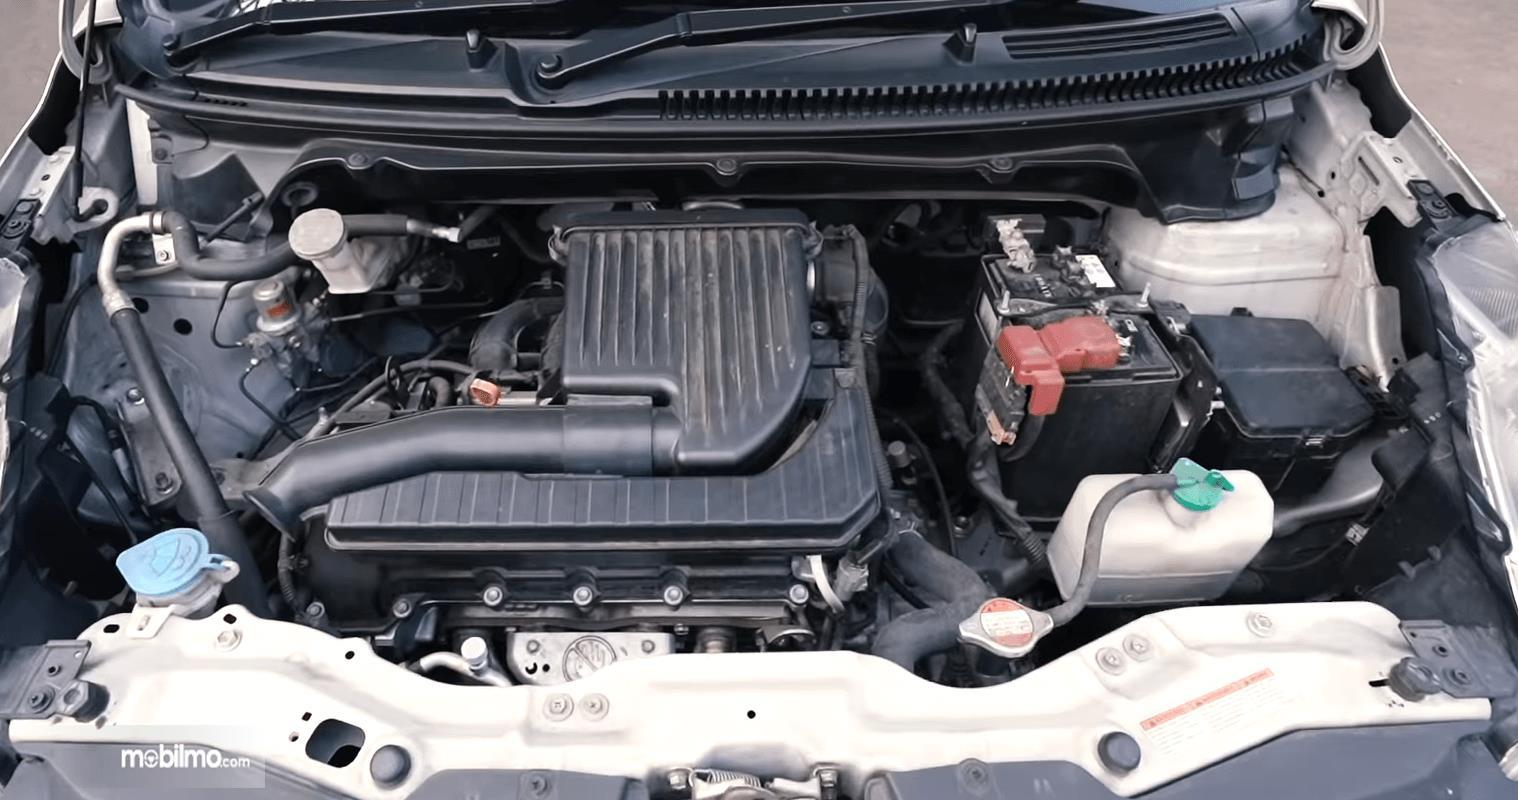 Gambar ini menunjukkan beberapa komponen pada mesin mobil Suzuki Ertiga GL AT 2016